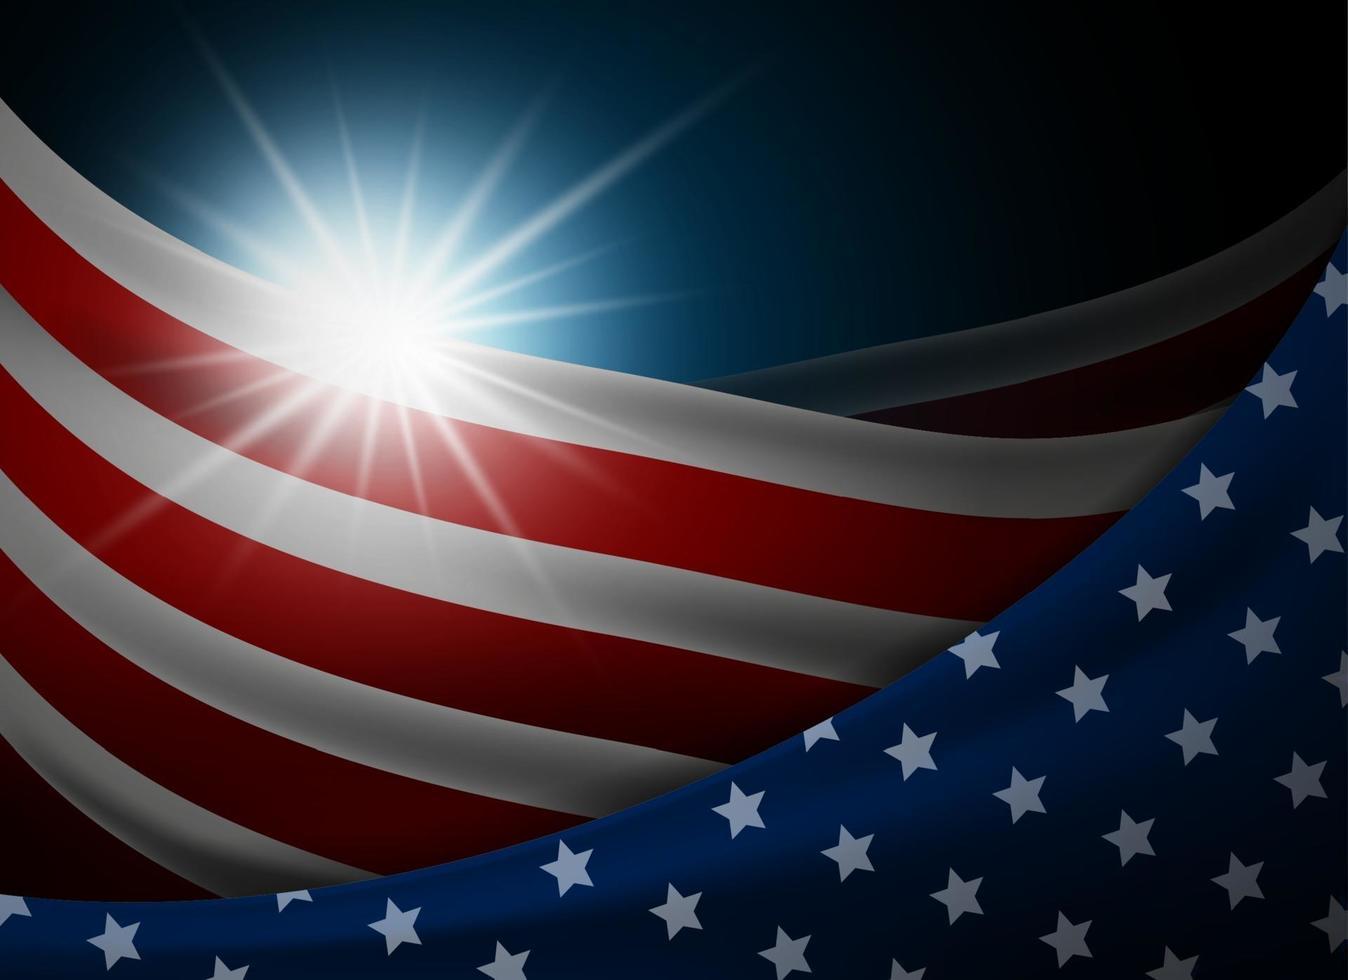 amerikanische oder USA-Flagge mit heller Hintergrundvektorillustration vektor